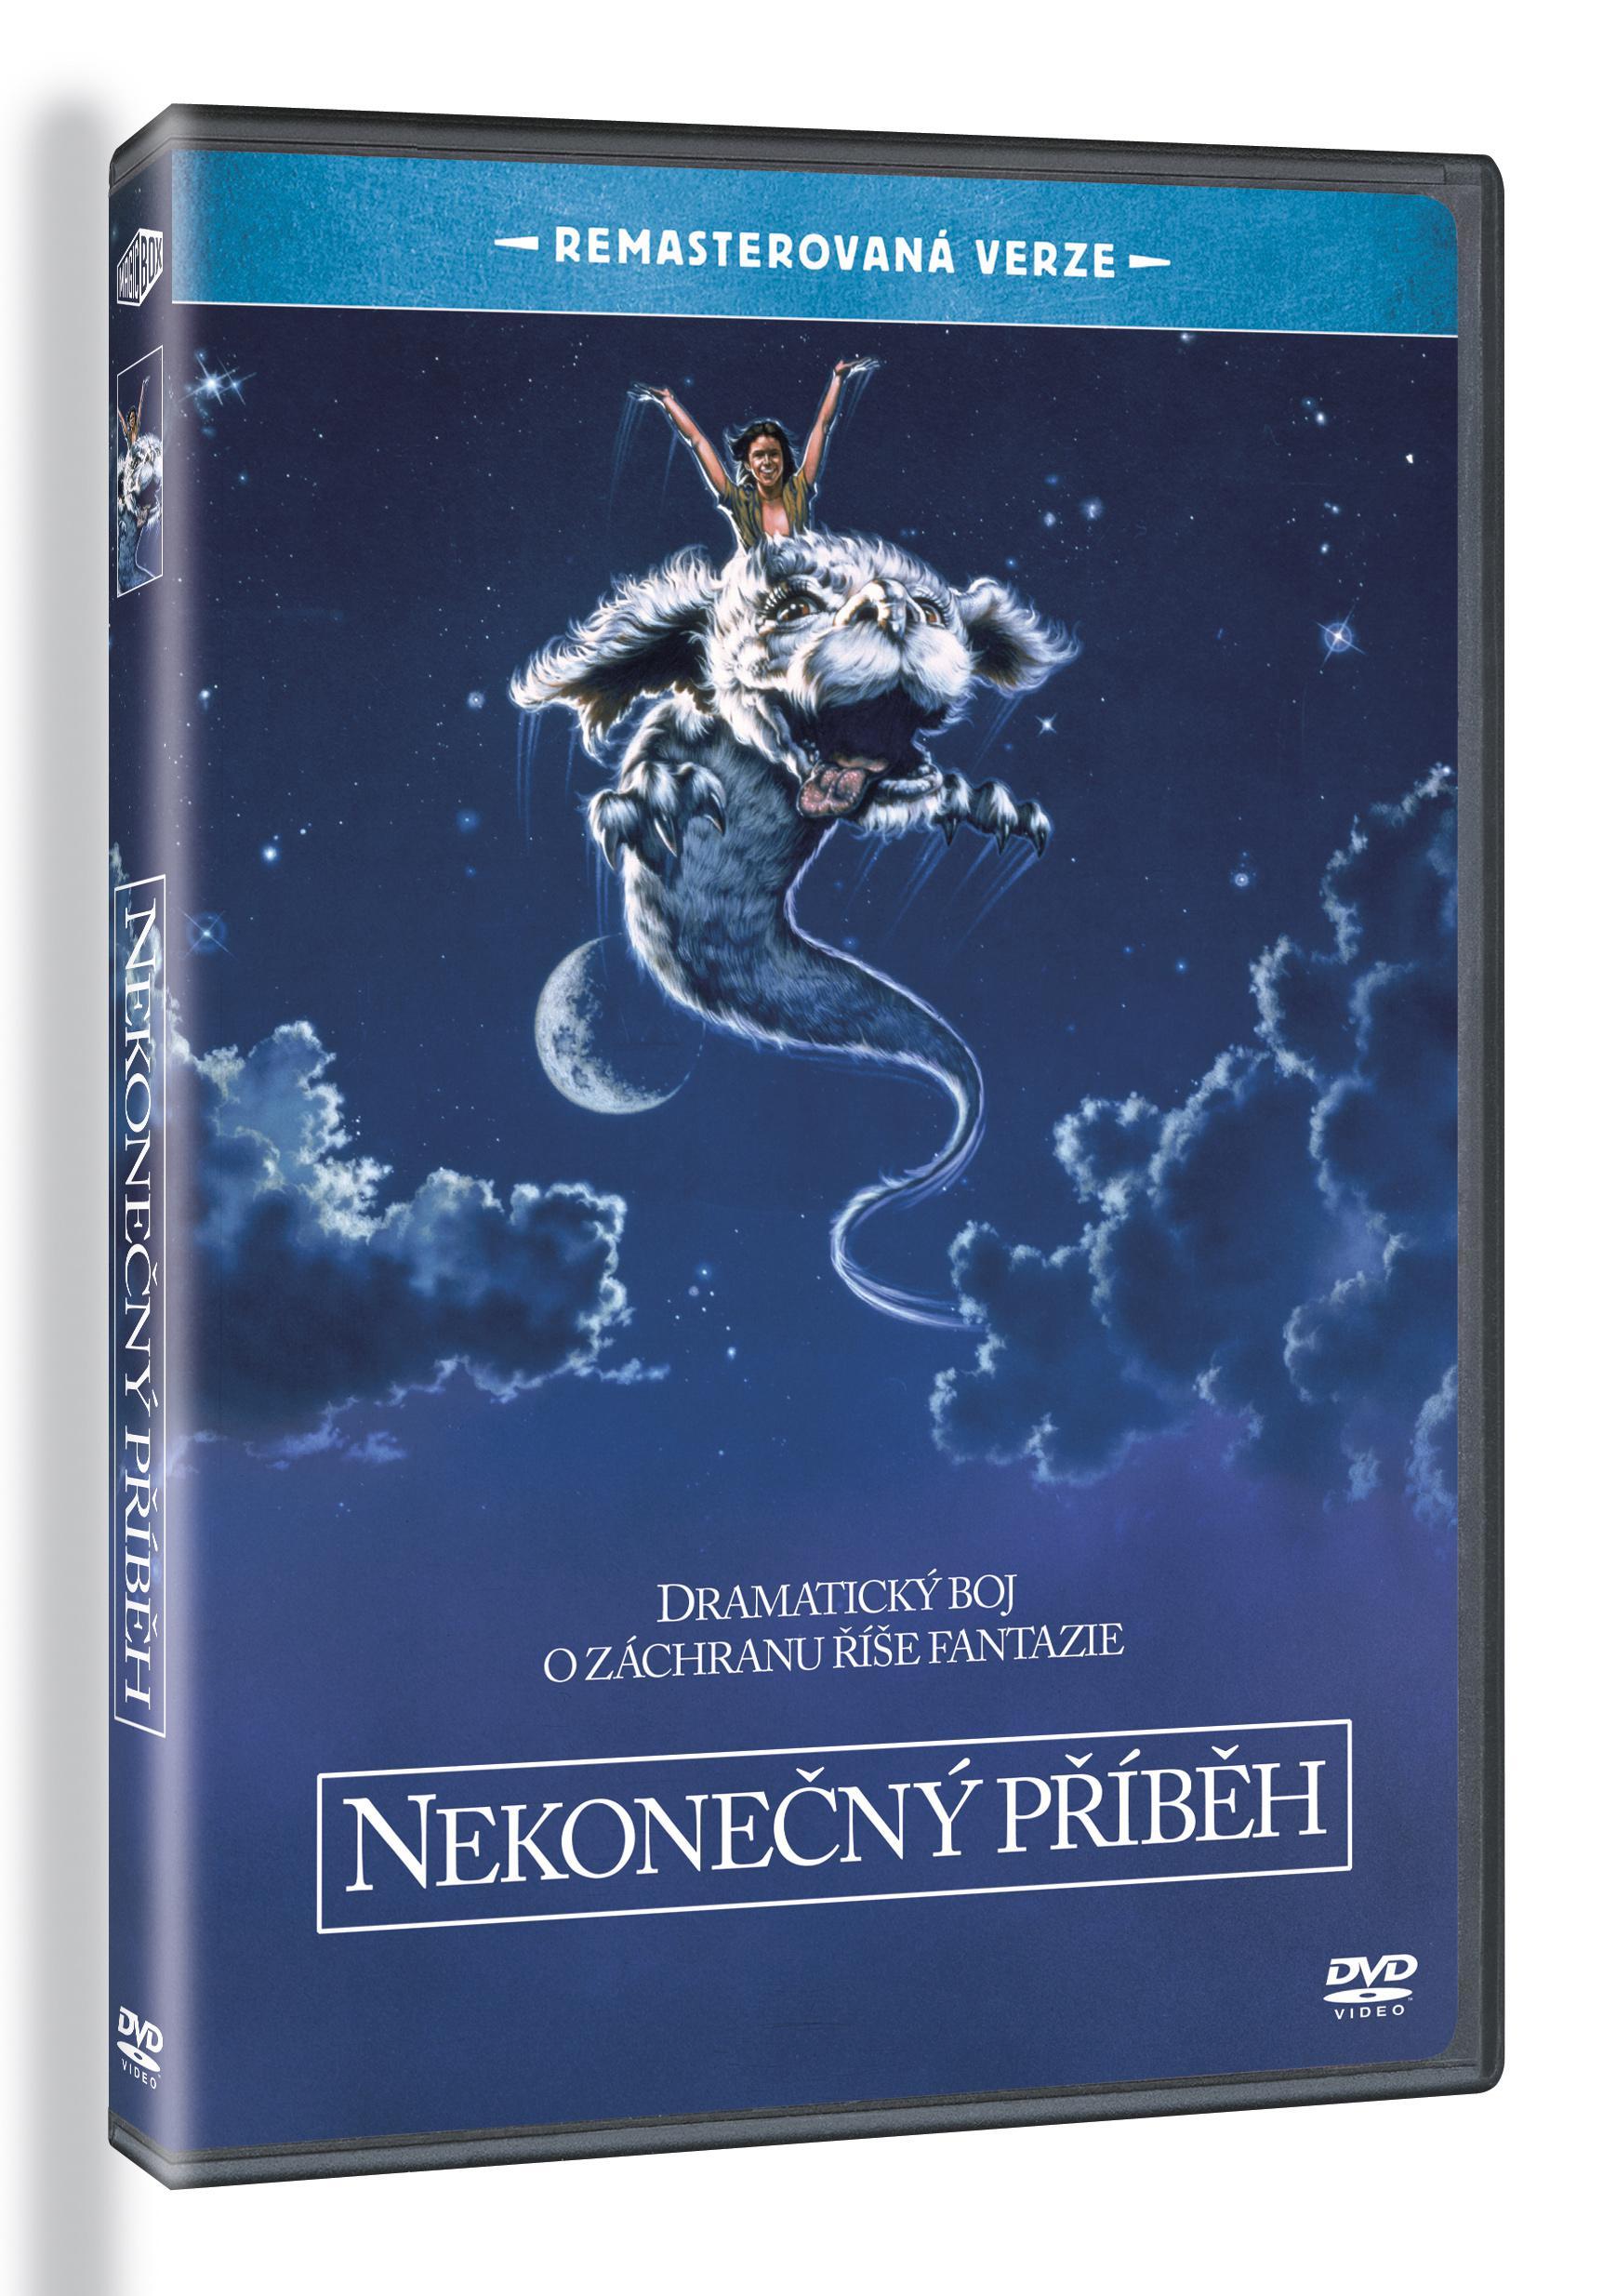 Nekonečný příběh 1 (remasterovaná verze) (DVD)